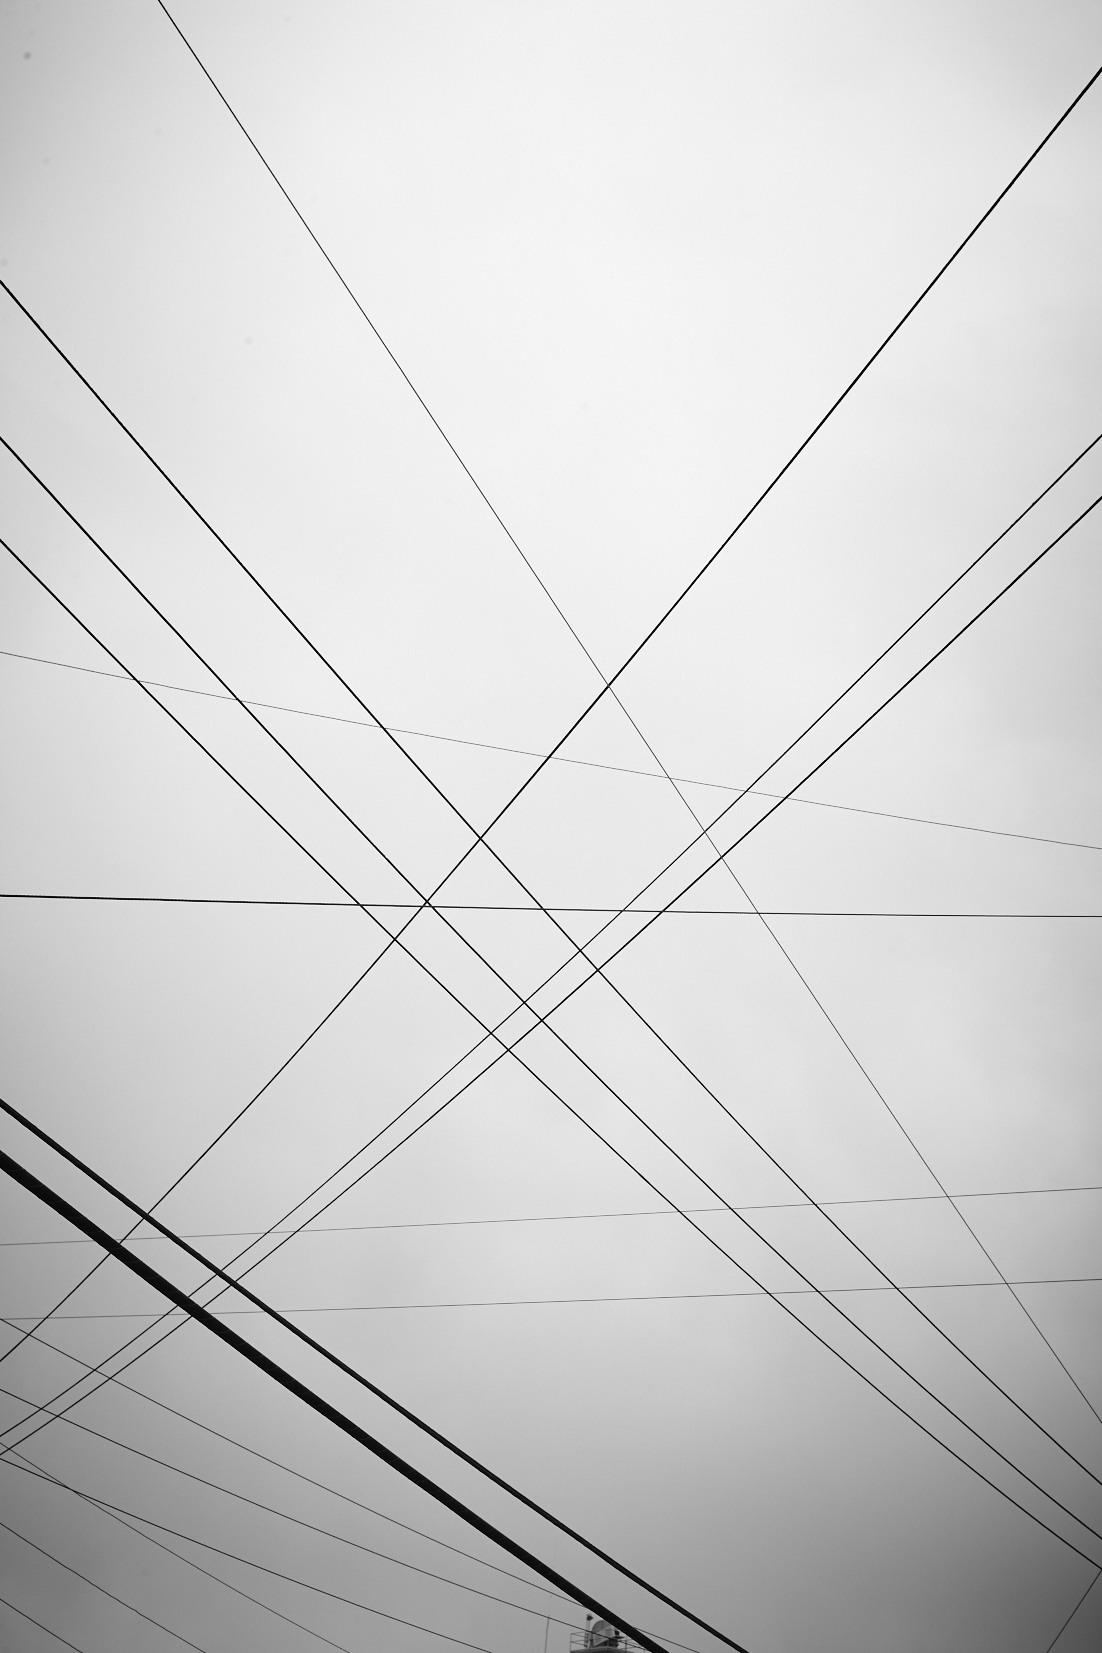 12-11-15-la-wires_484.jpg